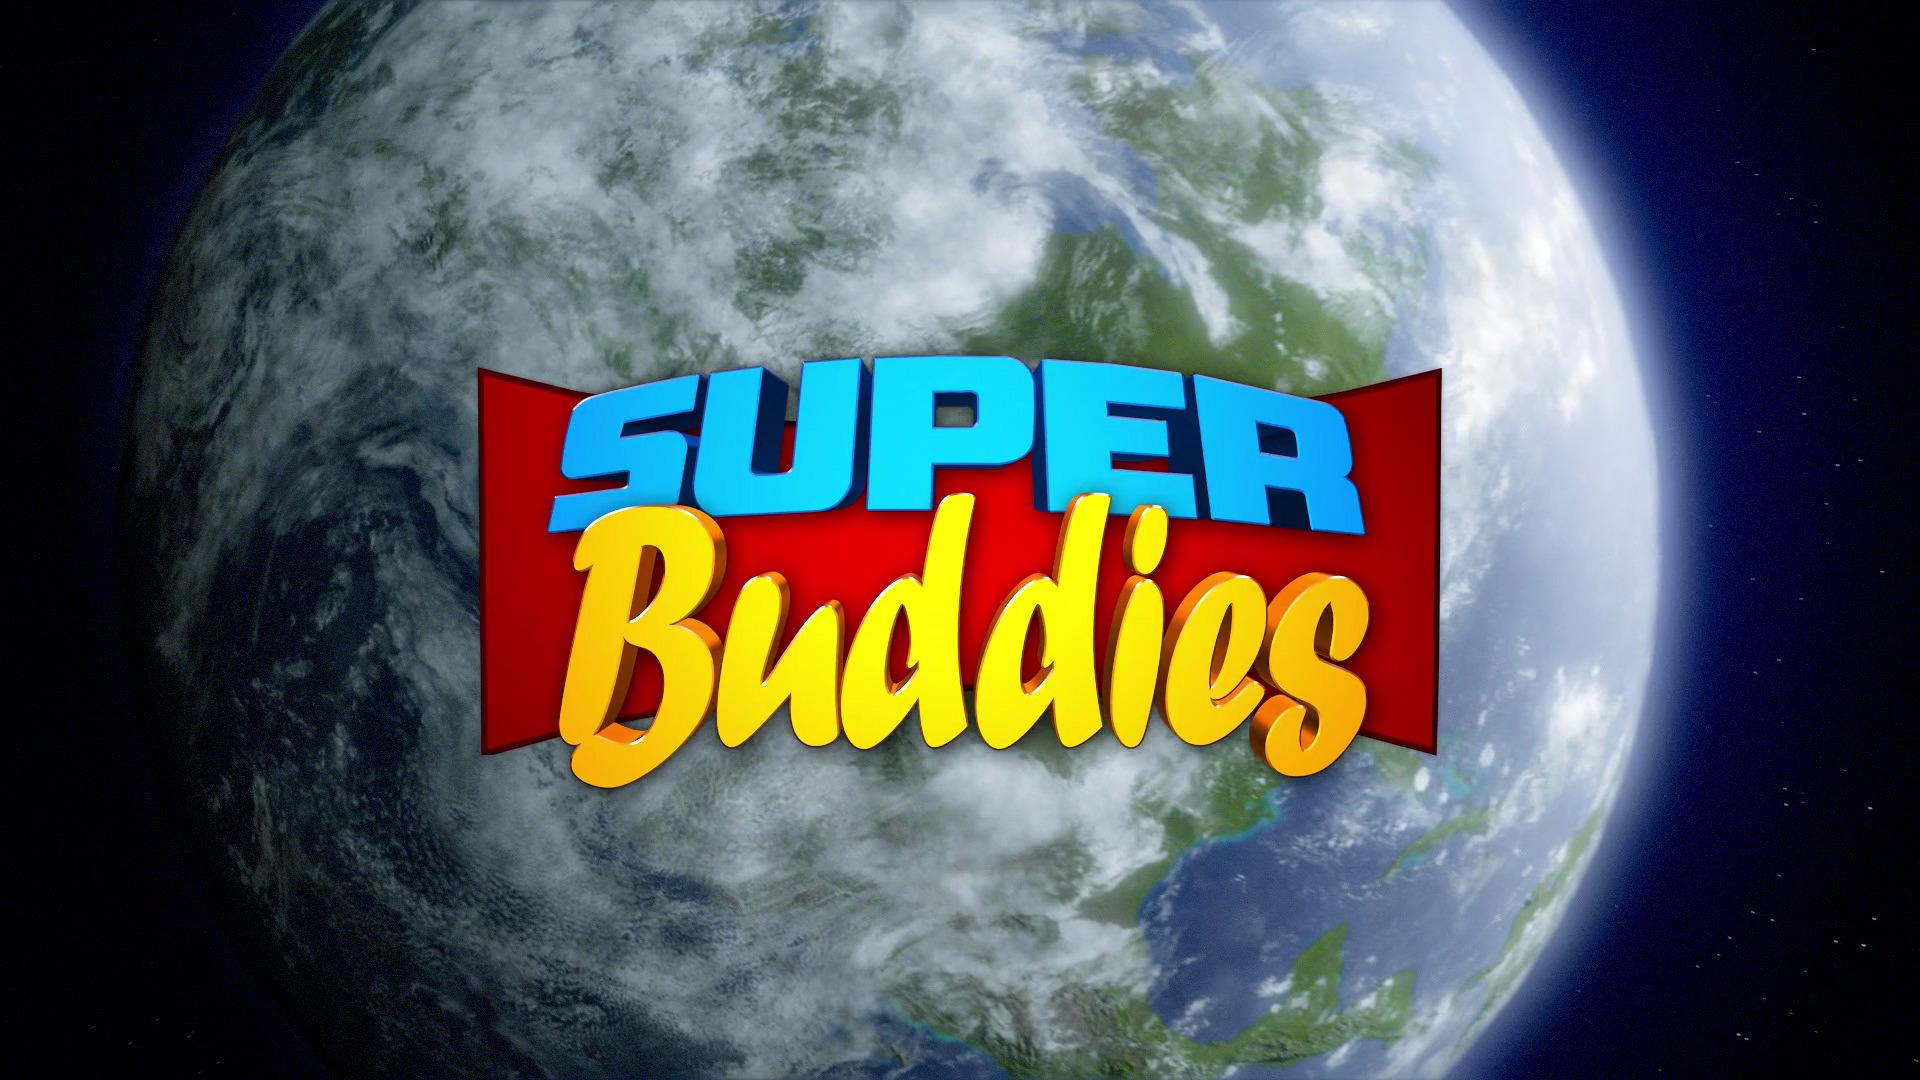 Super Buddies Pictures Super Buddies 2013